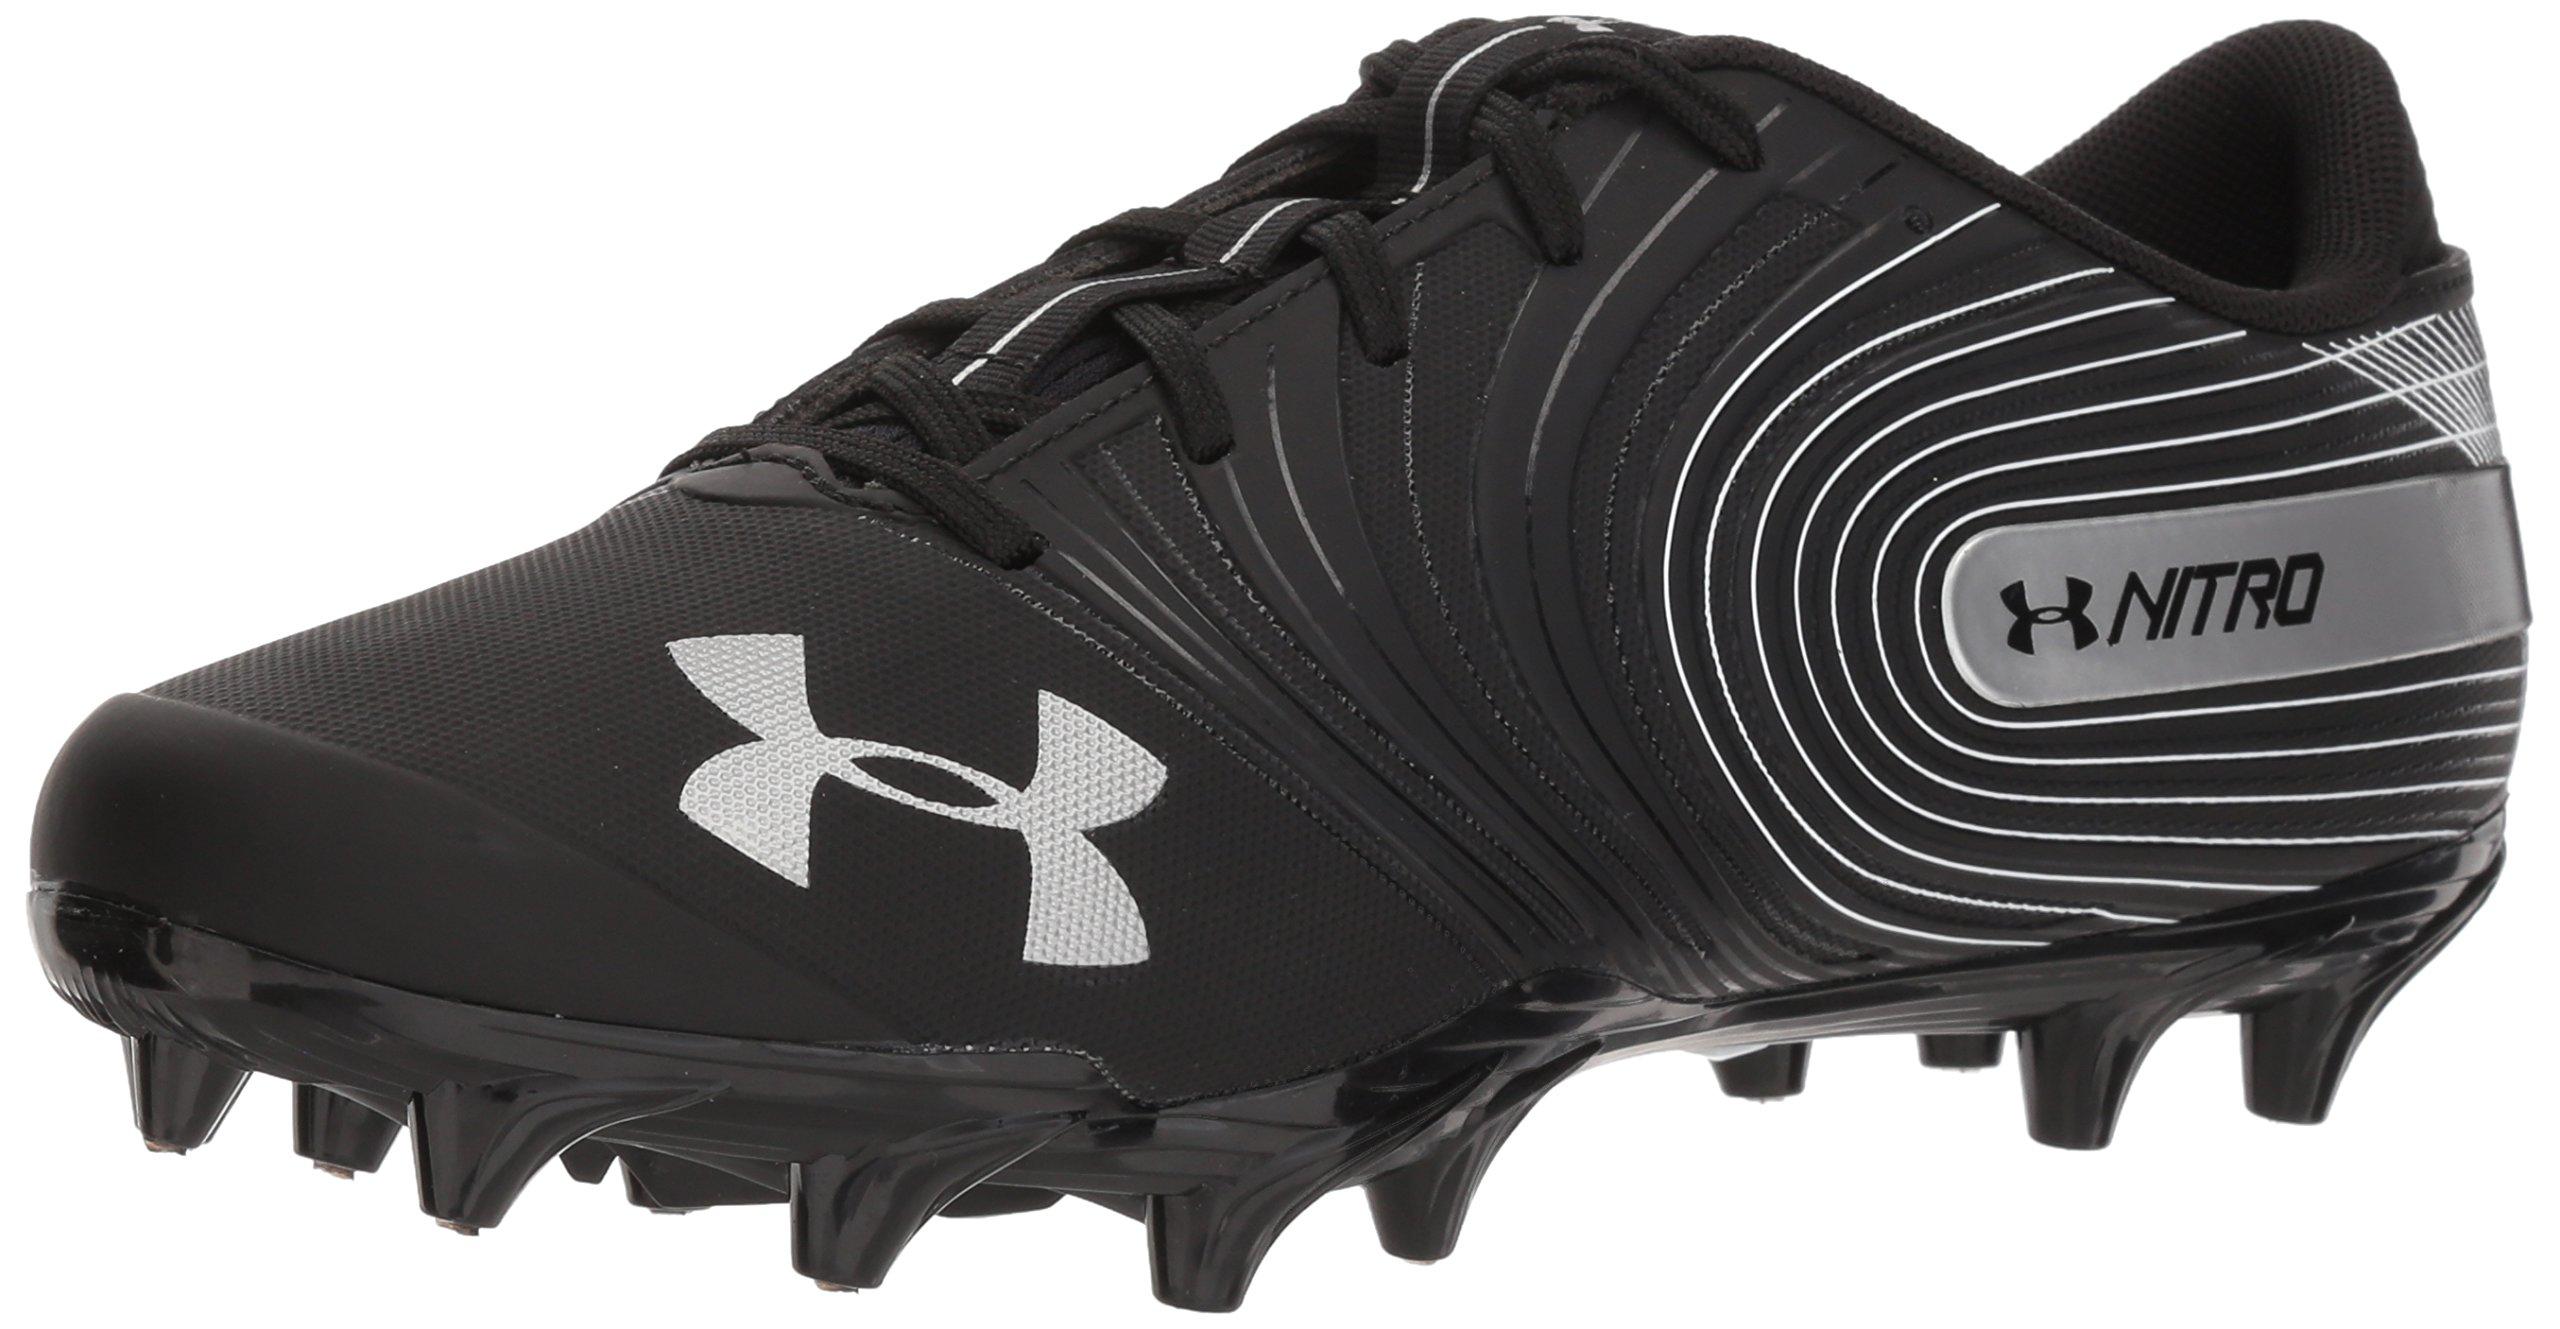 Under Armour Men's Nitro Low MC Football Shoe, Black (001)/White, 12.5